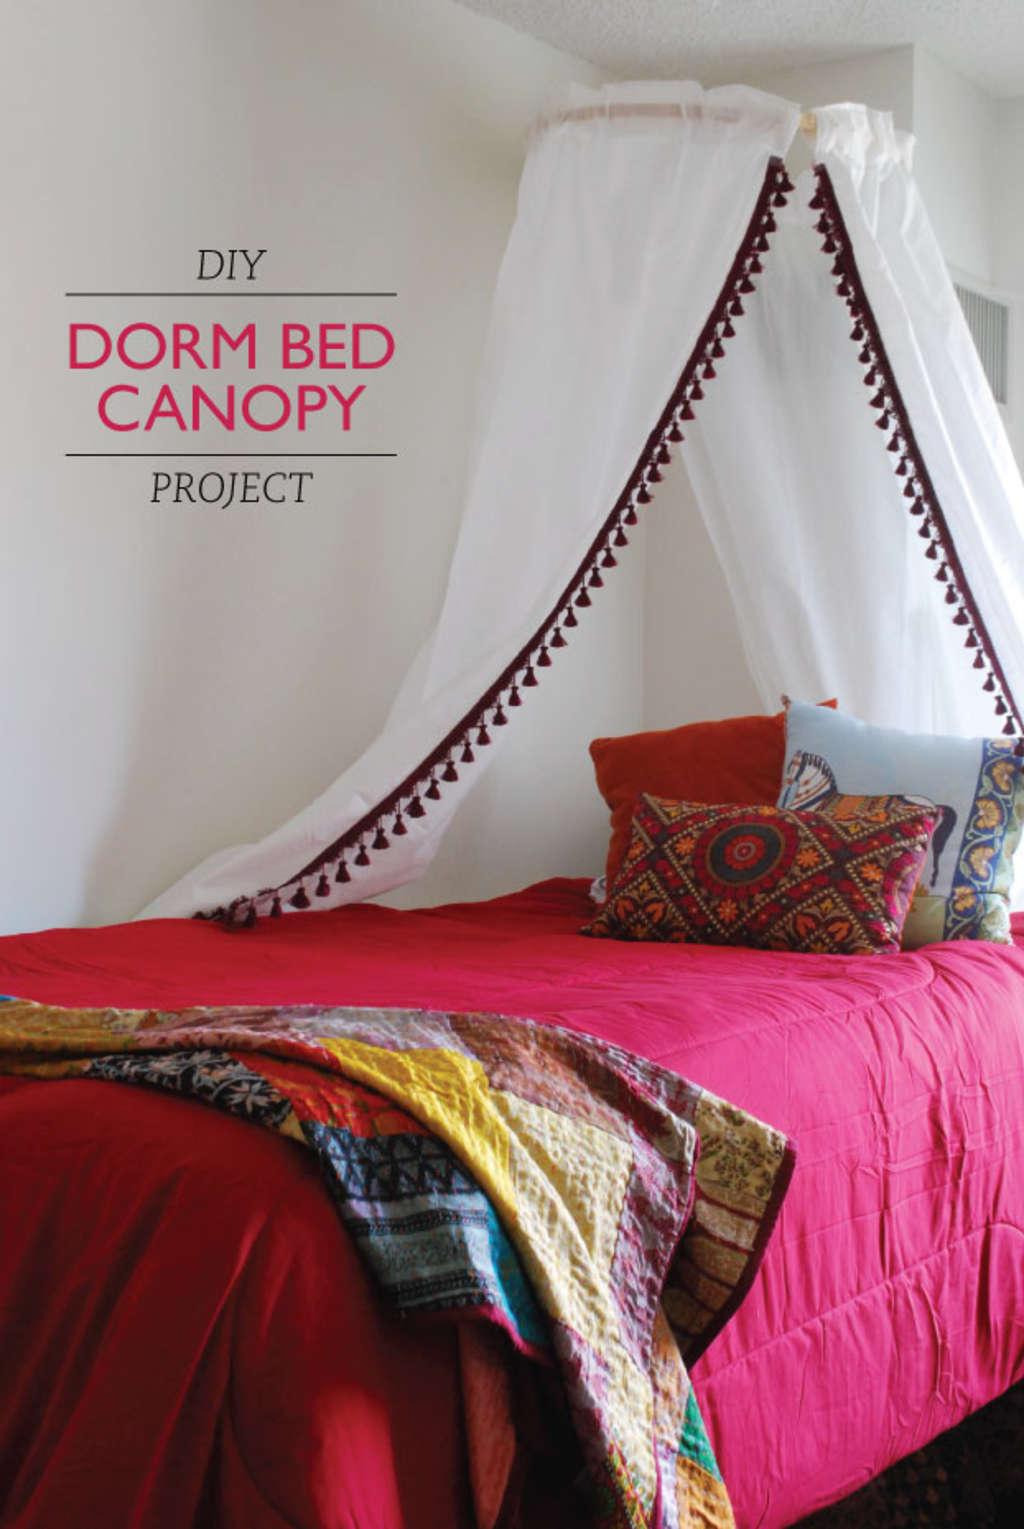 Get Laken's Look!: DIY Dorm Bed Canopy Project